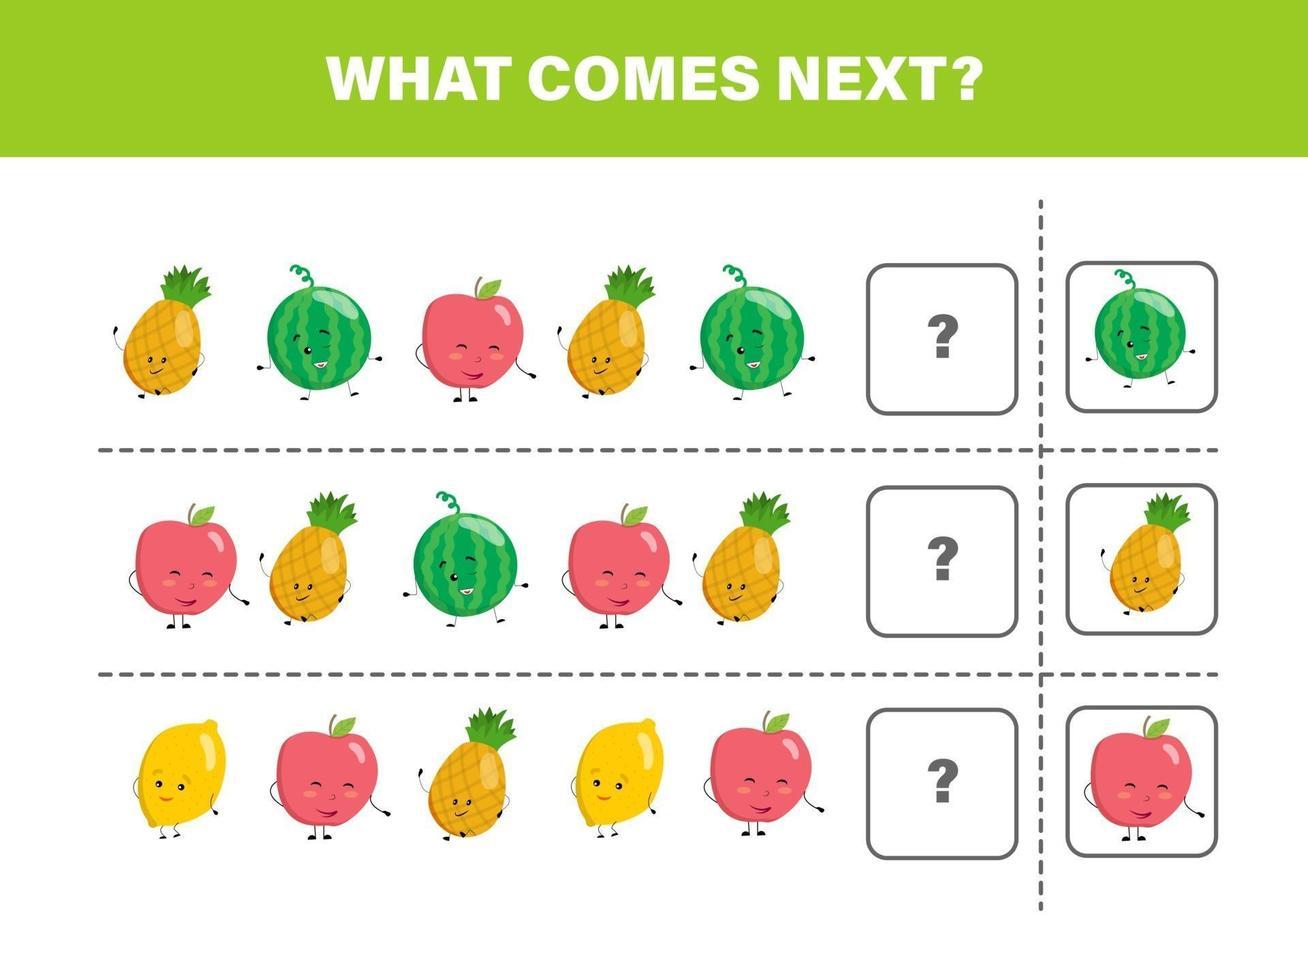 lo que viene después con frutas lindas. ilustración vectorial de dibujos animados. hoja de trabajo lógica para niños. vector